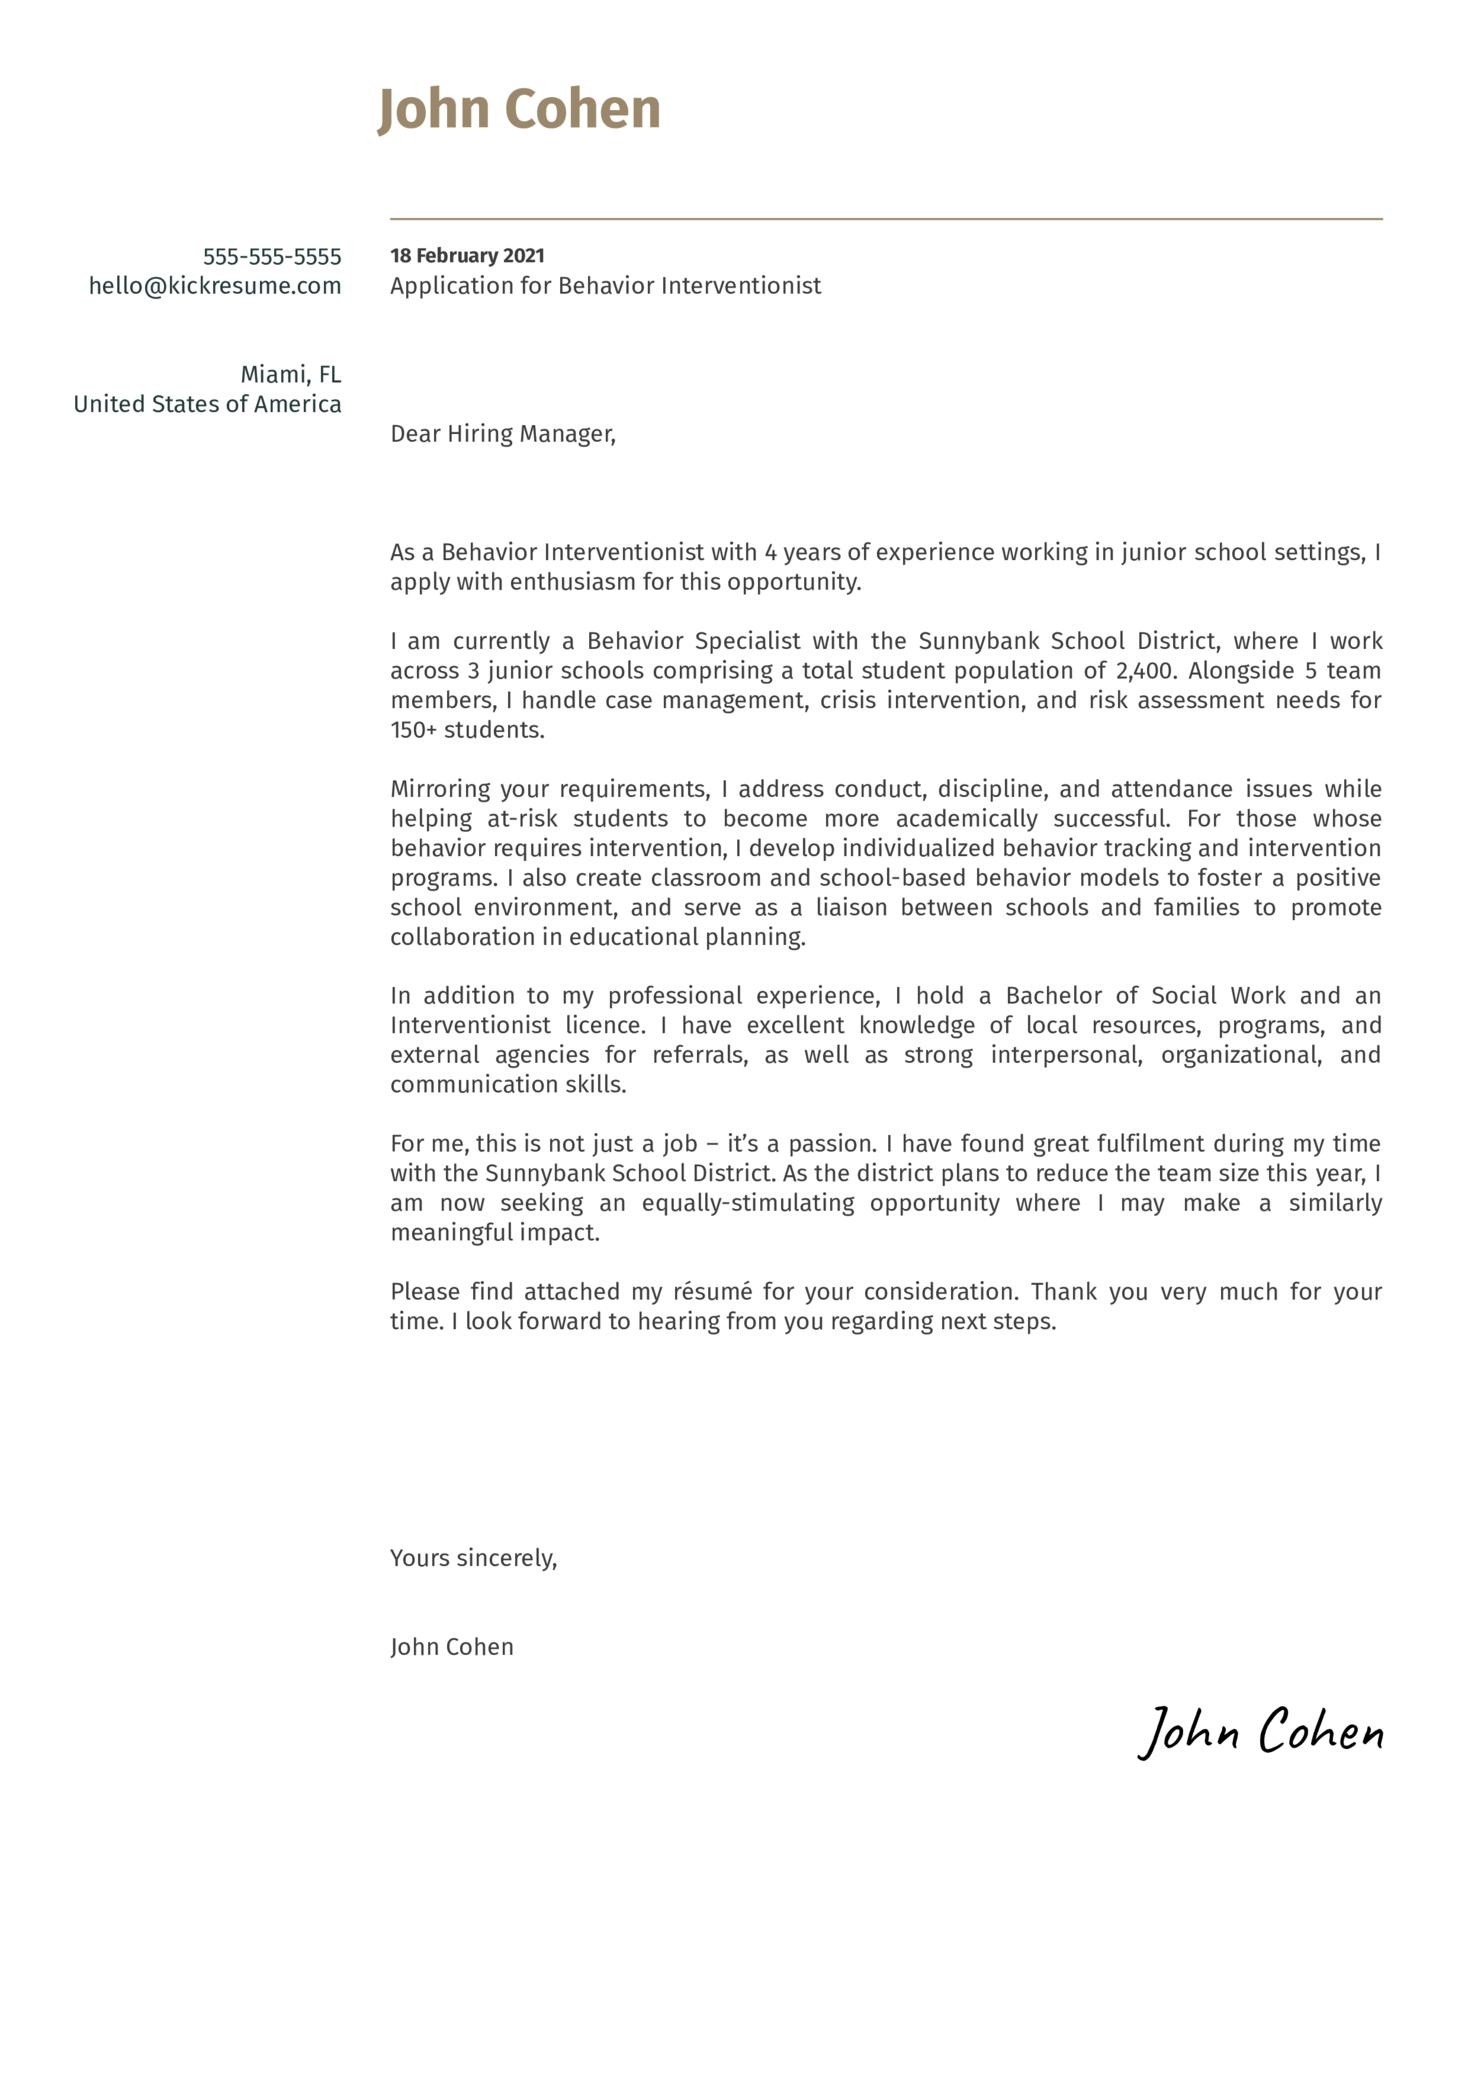 Behavior Interventionist Cover Letter